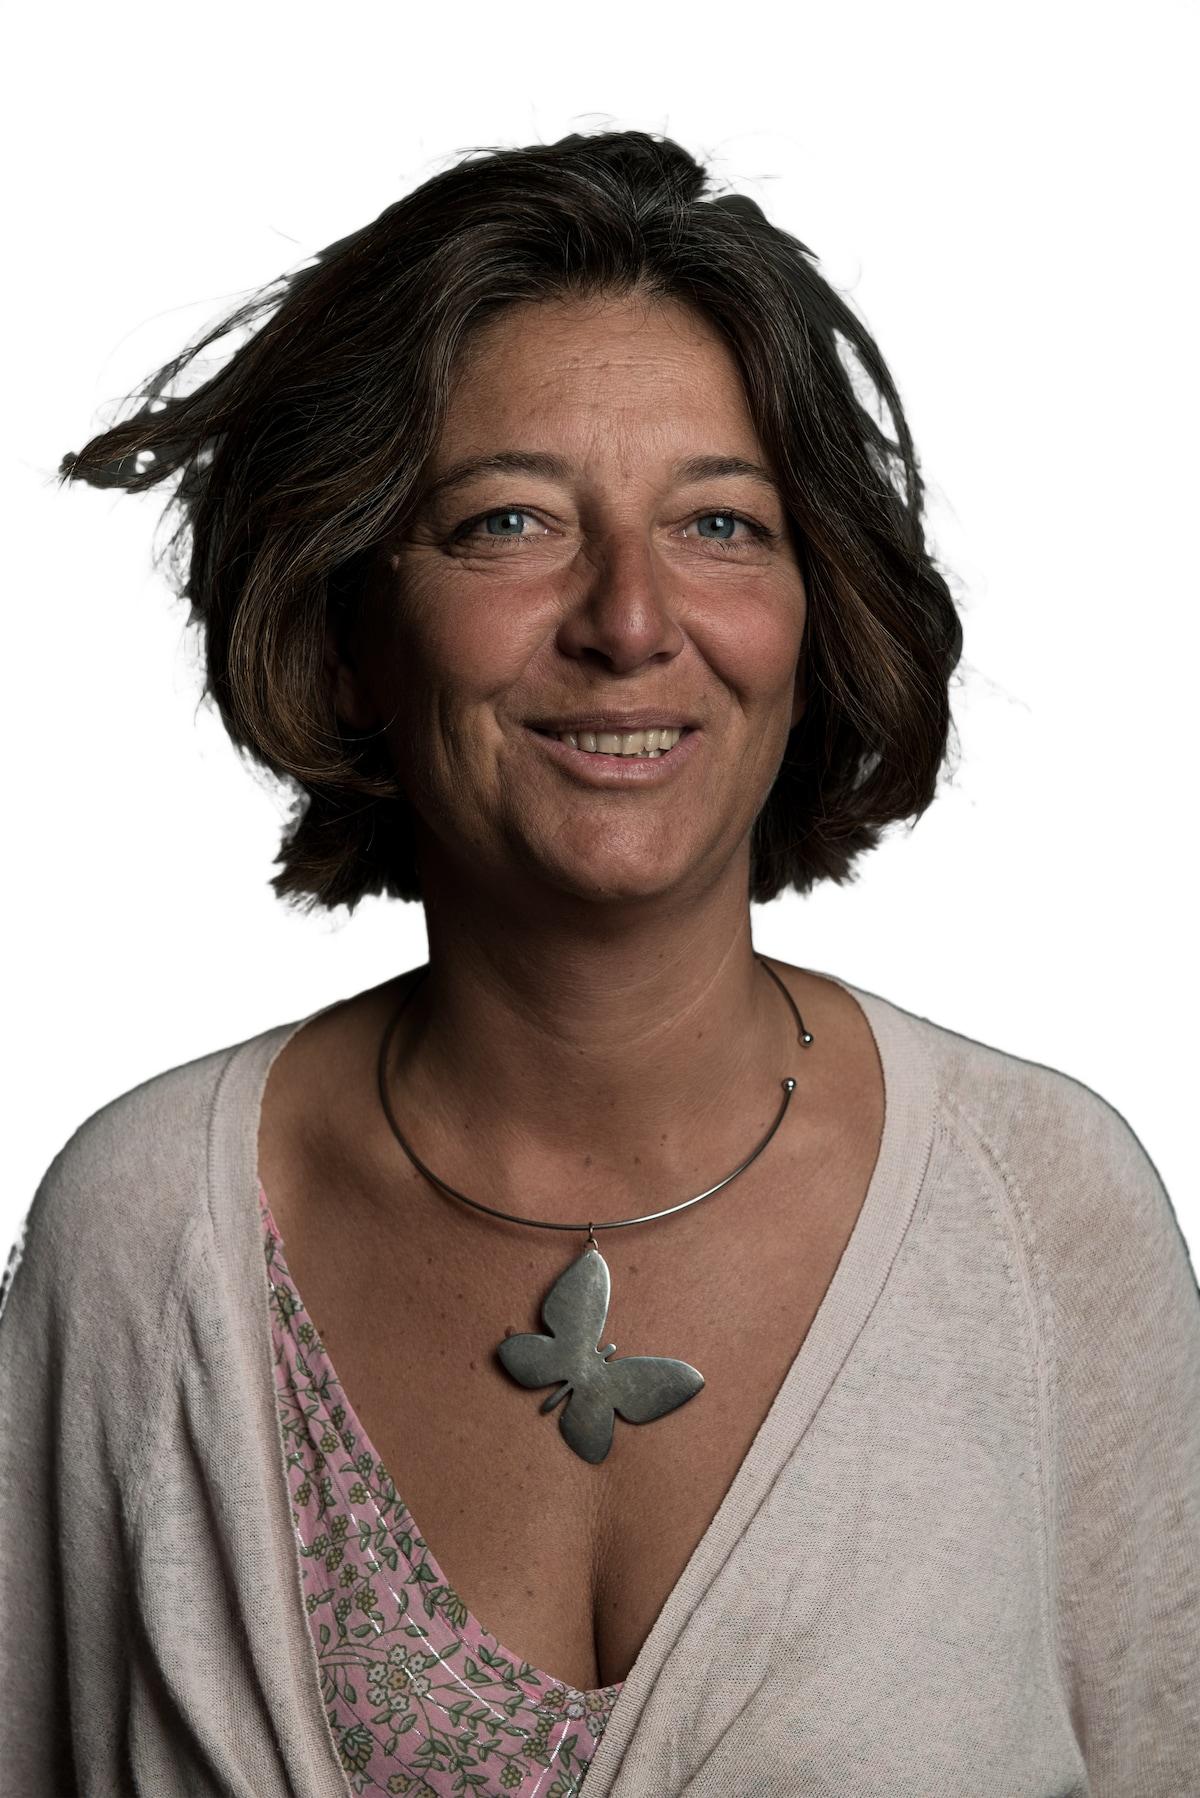 Delphine from Loubès-Bernac